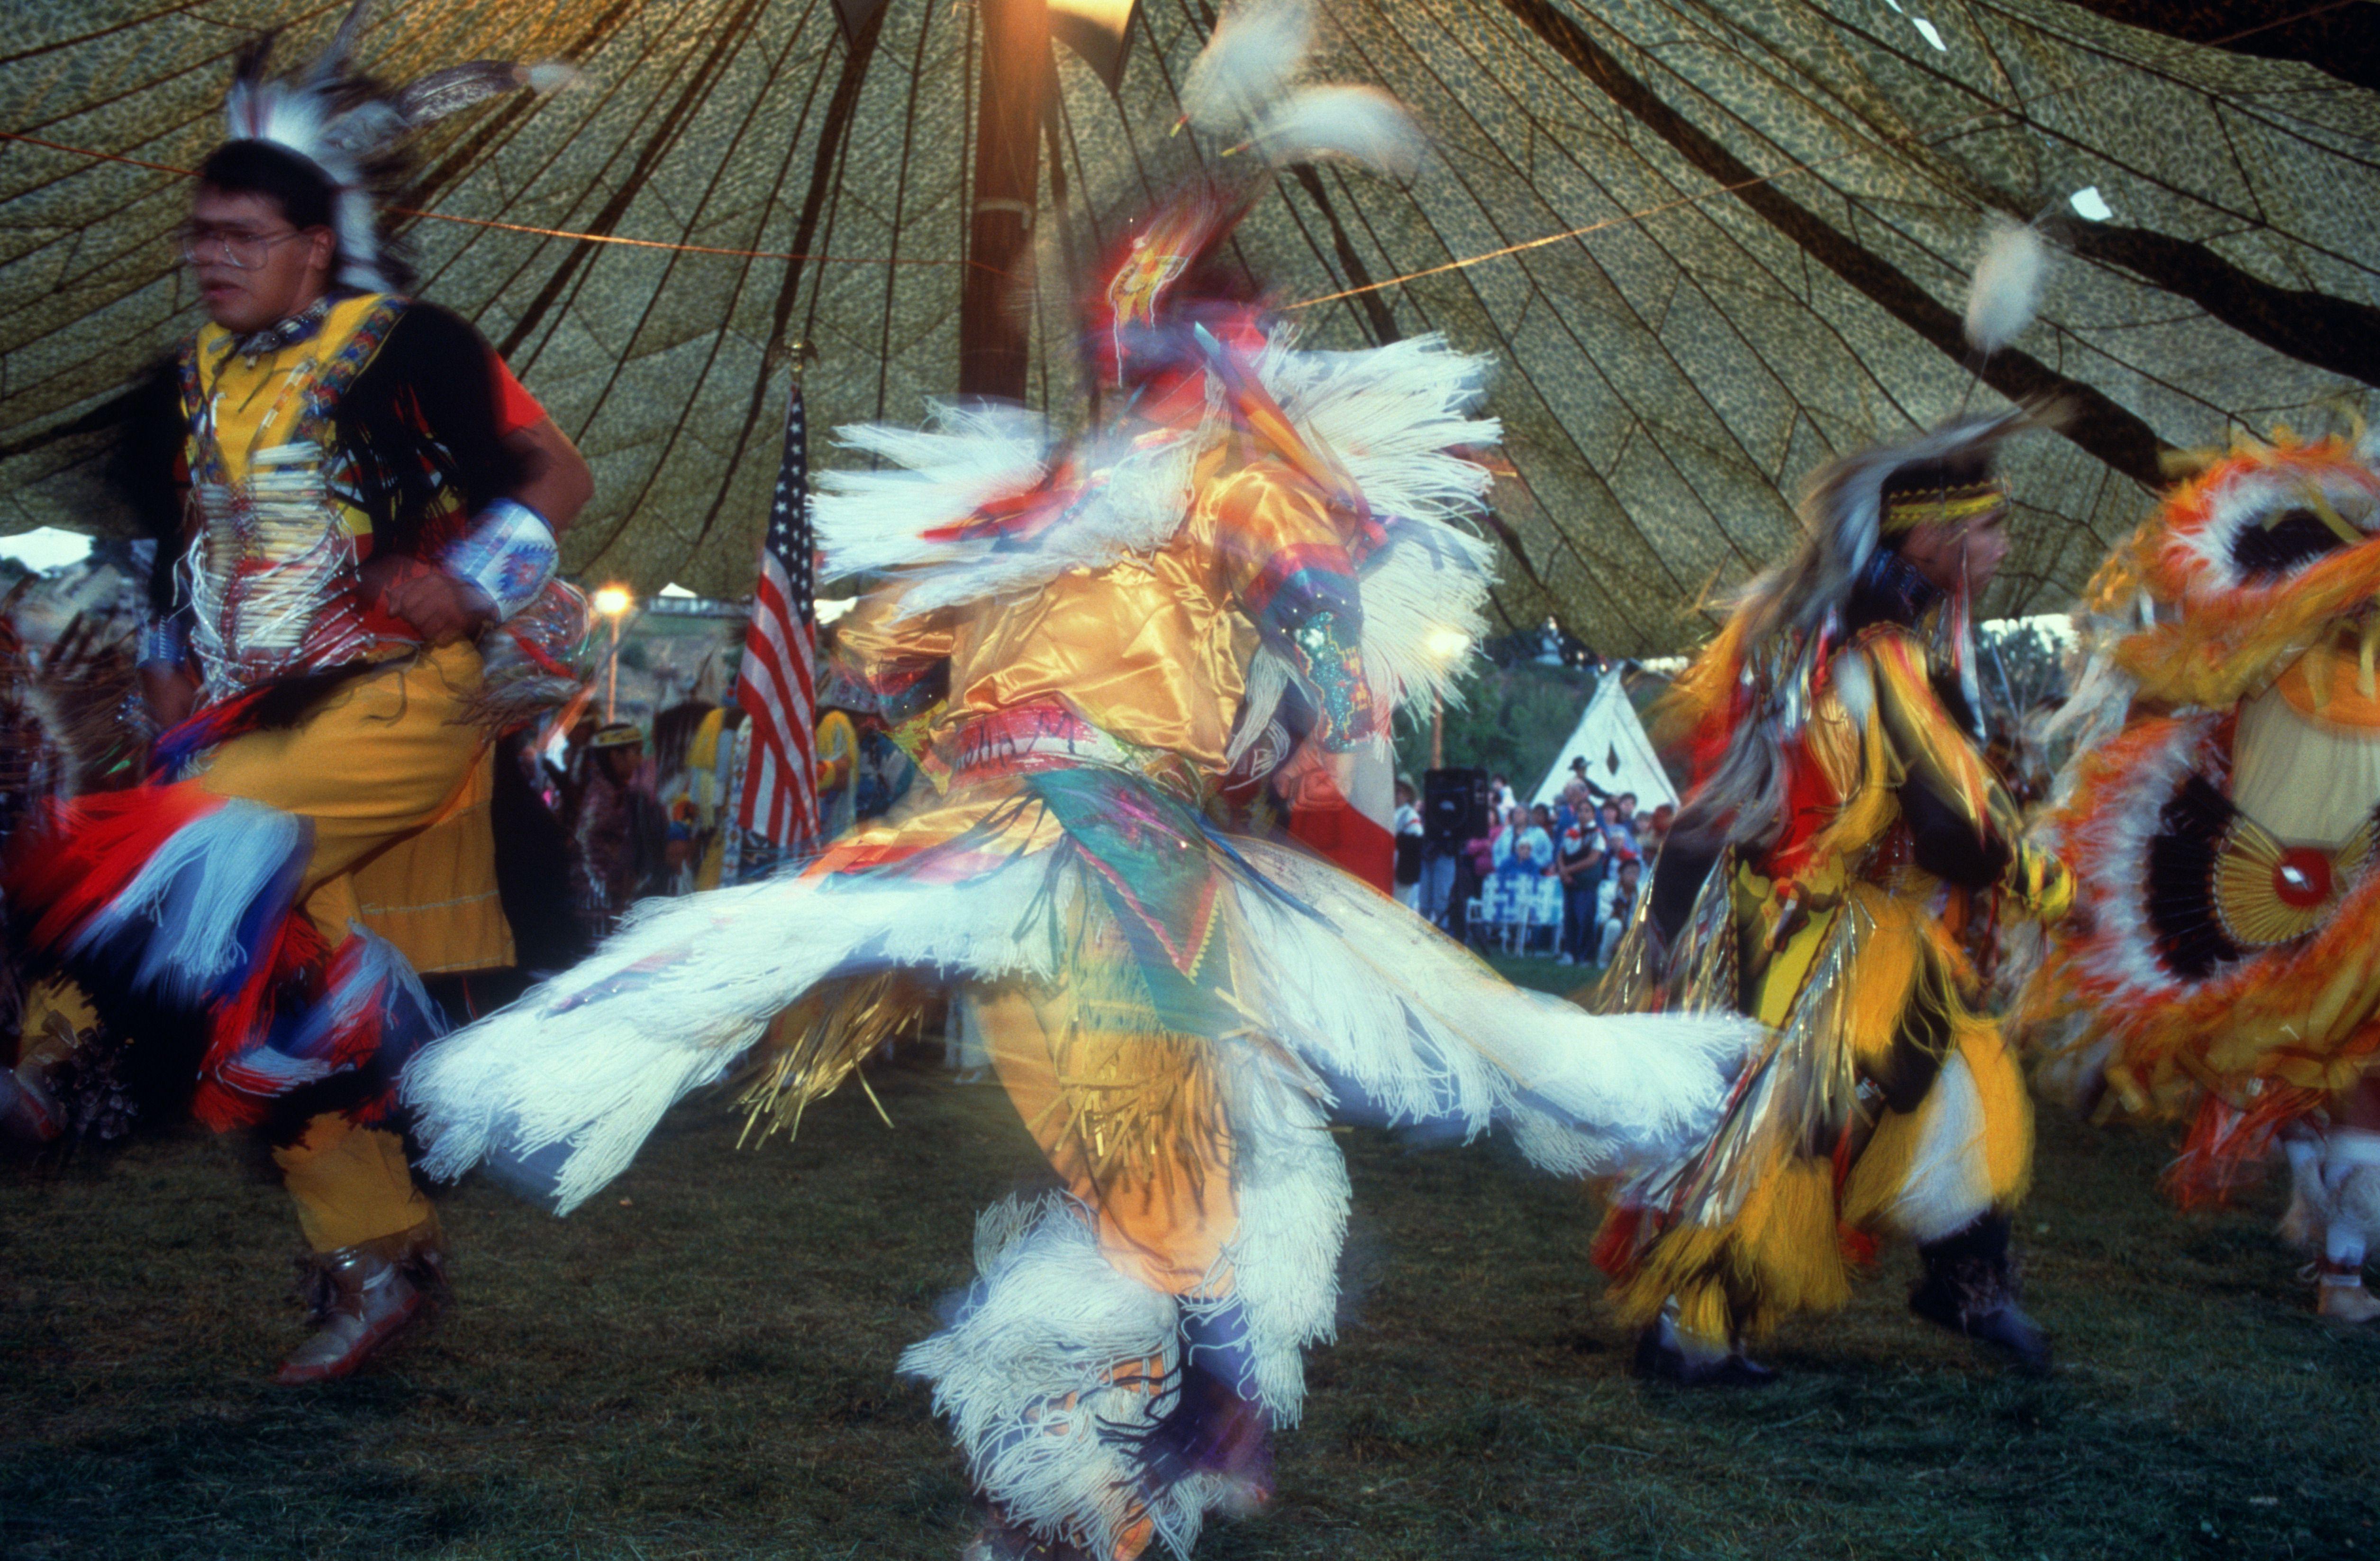 USA, Washington, Omak Reservation, Native Americans dancing at powwow